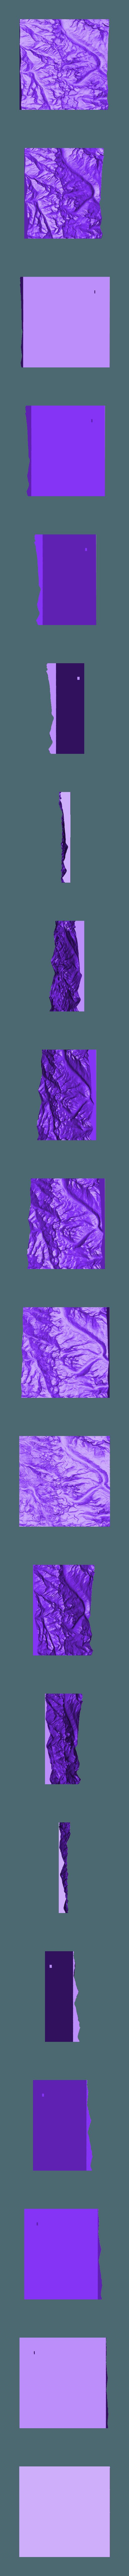 Mineral_King_240_-_repaired.stl Télécharger fichier STL gratuit Cartes du parc Sequoia et King's Canyon • Objet pour impression 3D, WalterHsiao